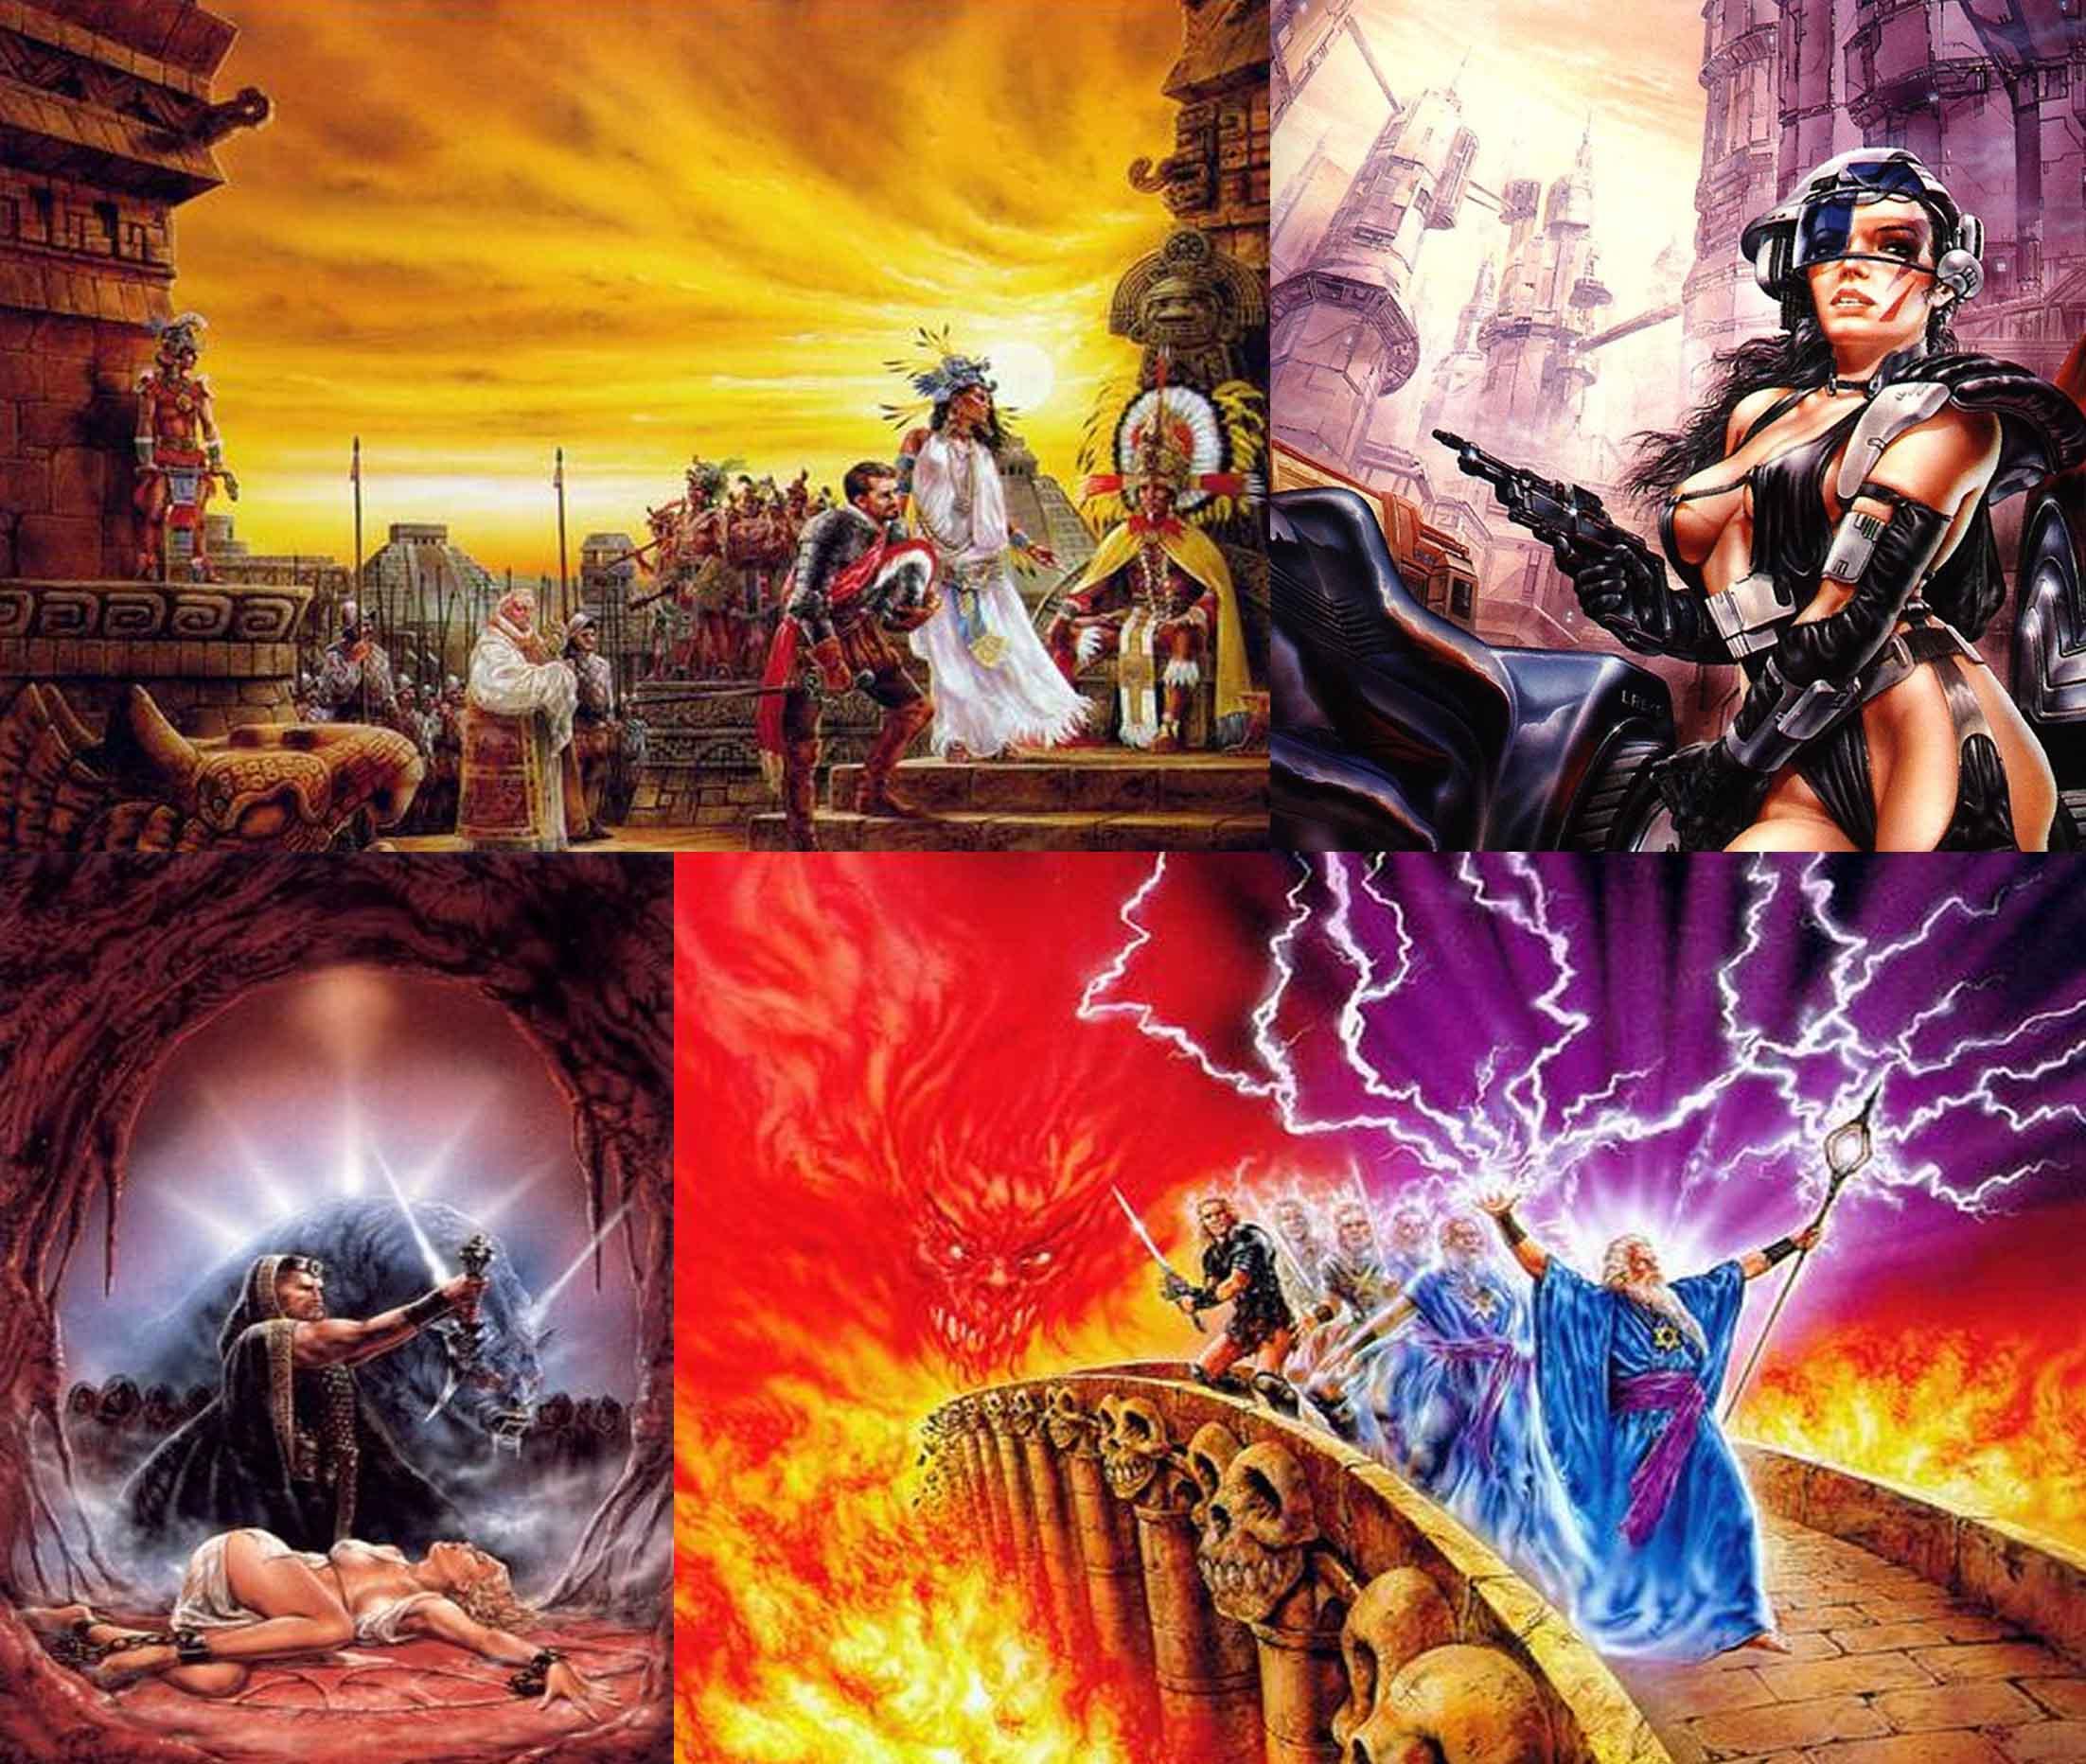 La diosa de Cozumel. La aventura espacial. Los templos sagrados. Satan.